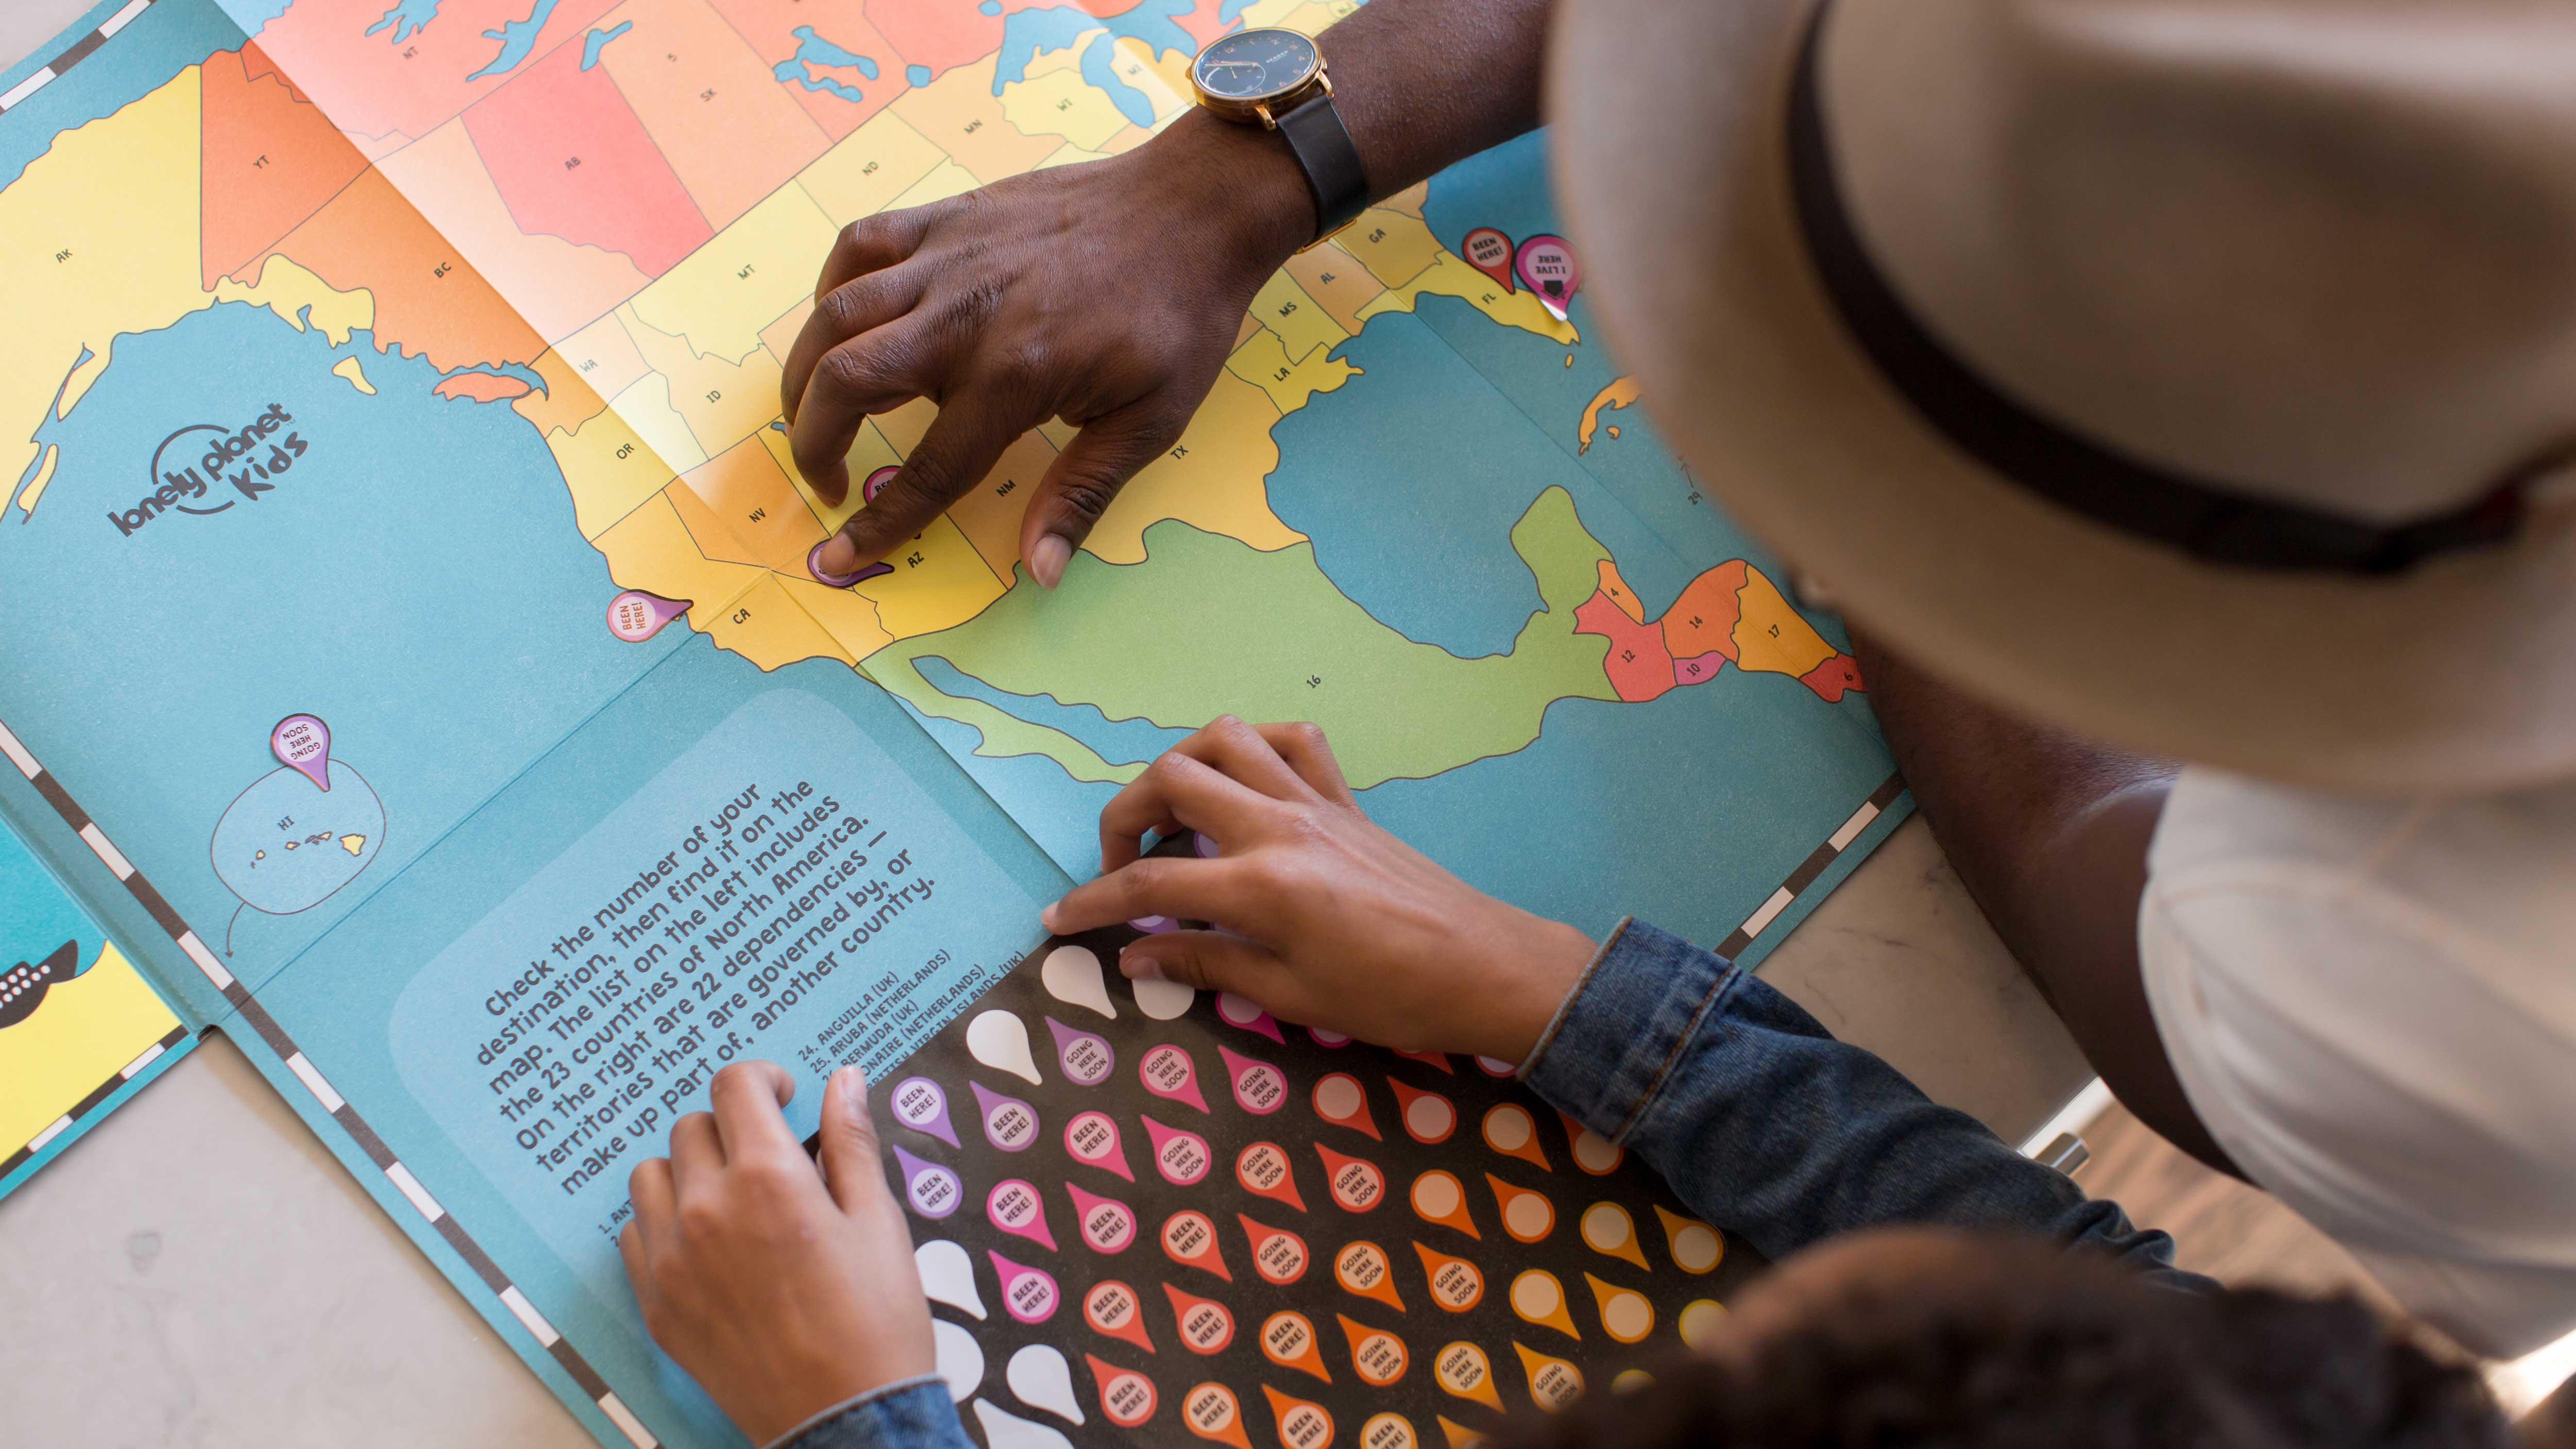 Na imagem vemos uma folha do mapa mundi com um pai mostrando para seu filho os Estados Unidos.